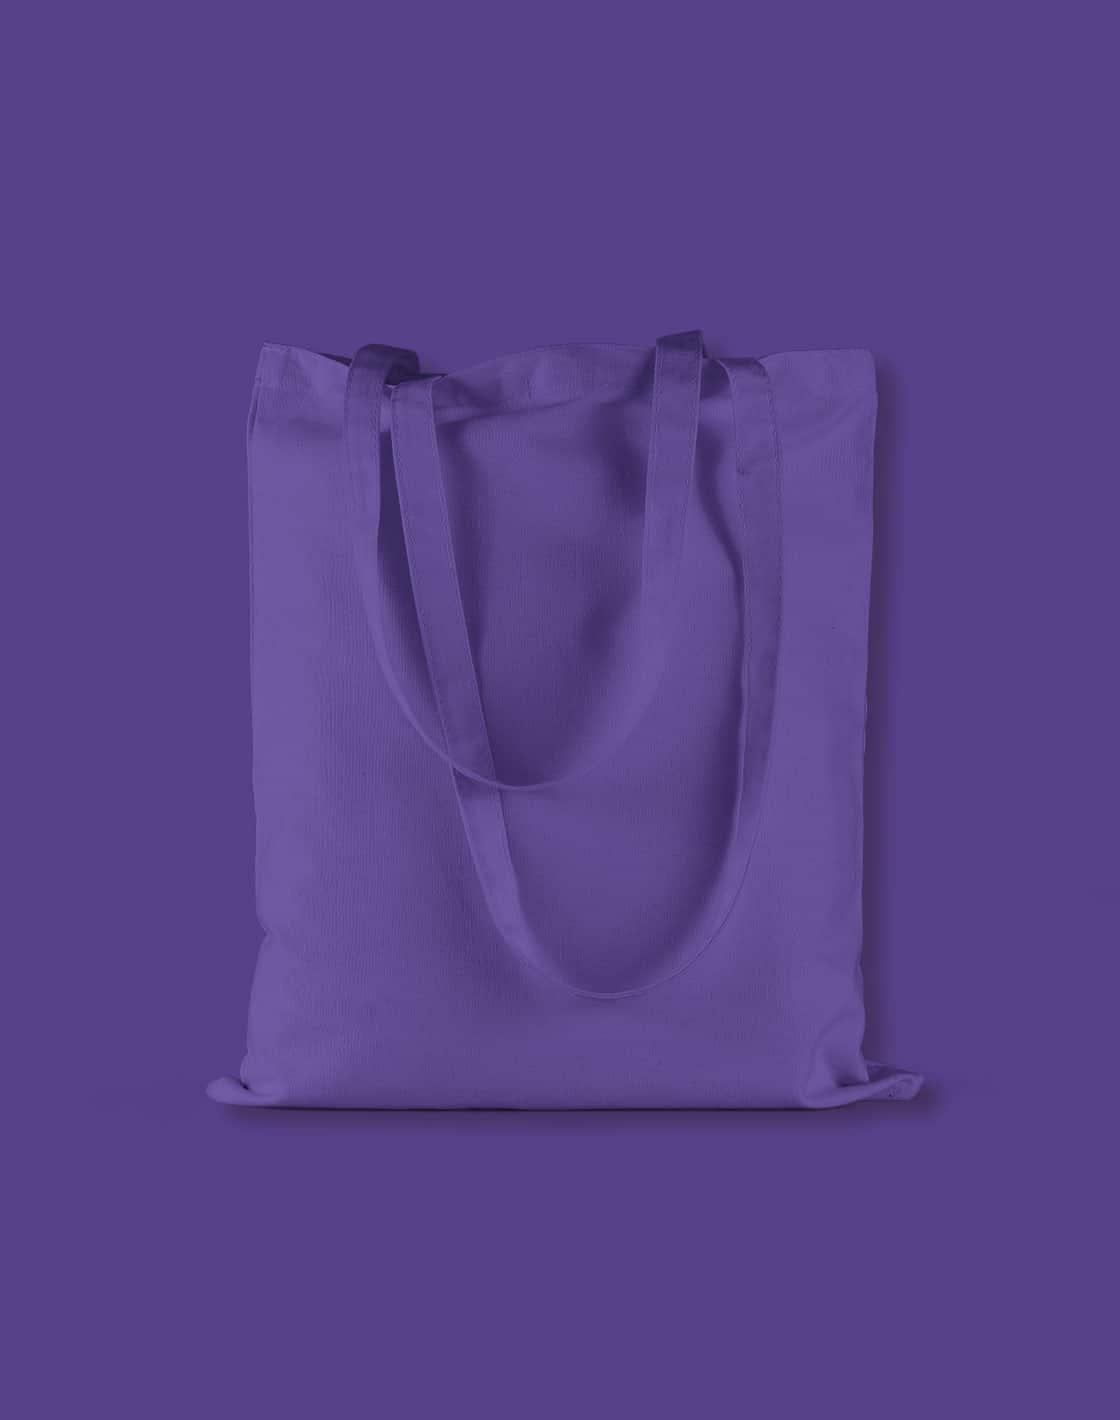 baumwolltaschen bunt purple lange henkel 38x42cm